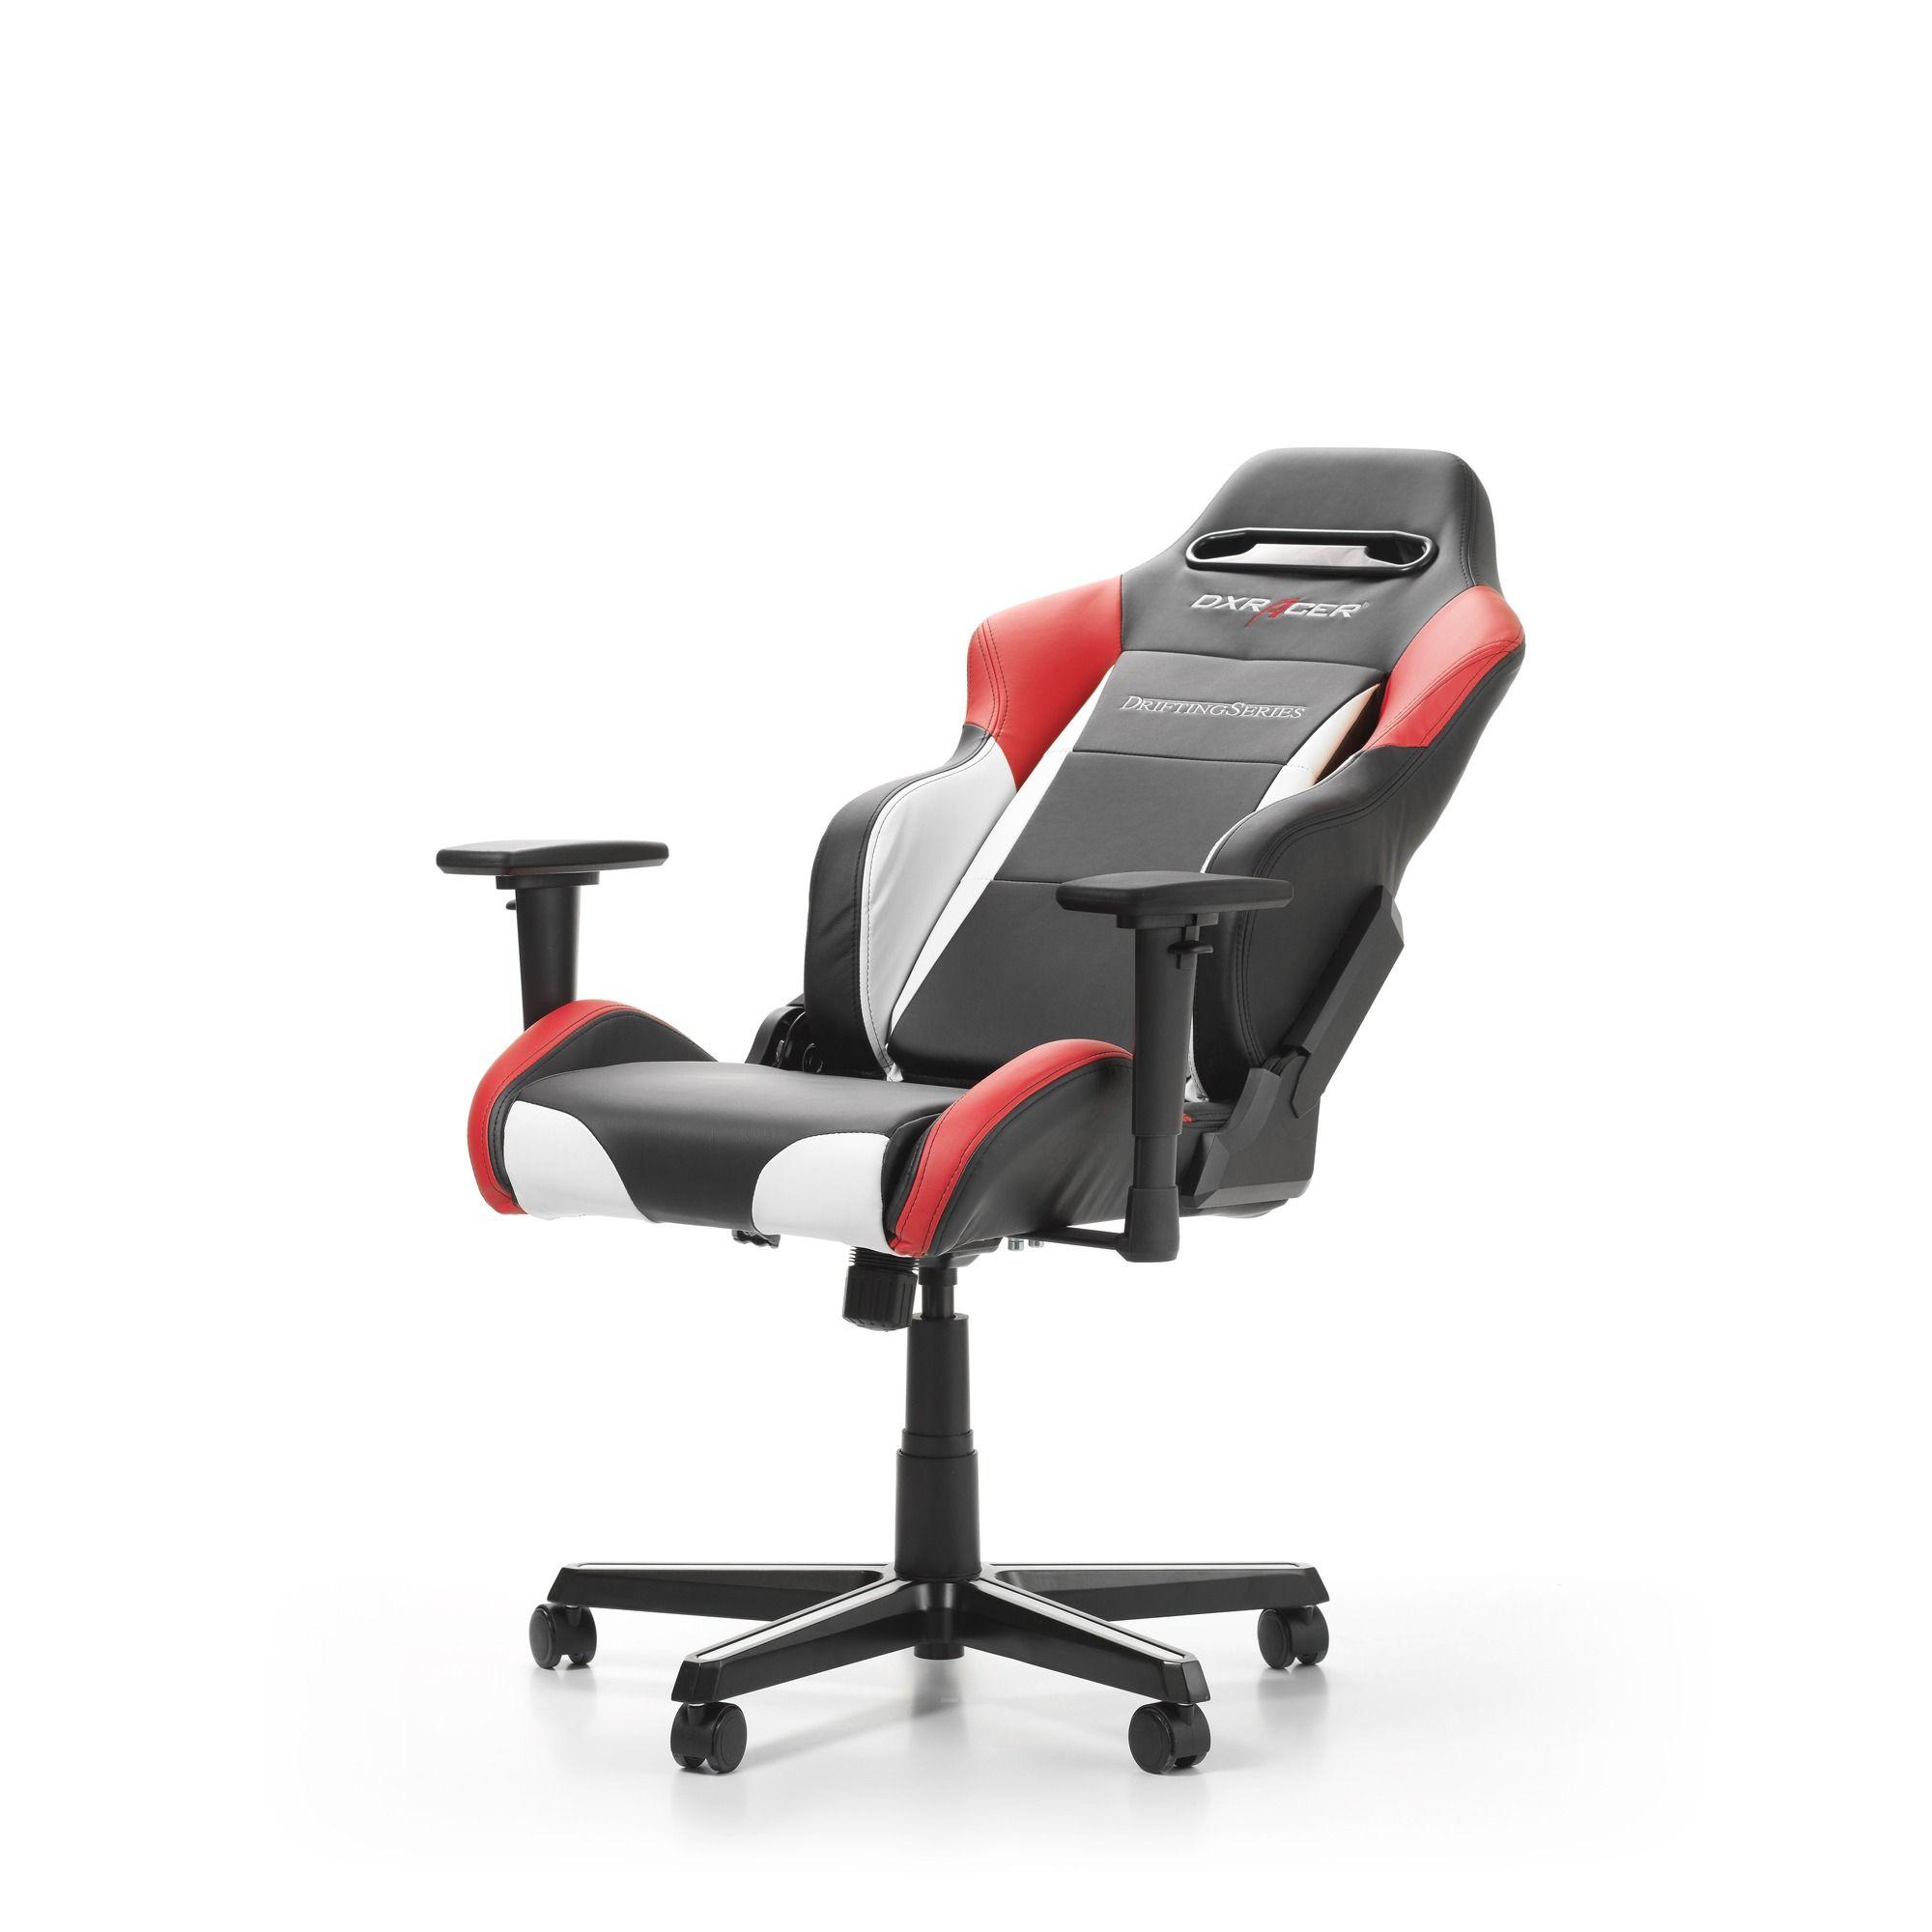 Геймърски стол DXRacer - серия DRIFTING, черен/бял/червен - OH/DM61/NWR - 6